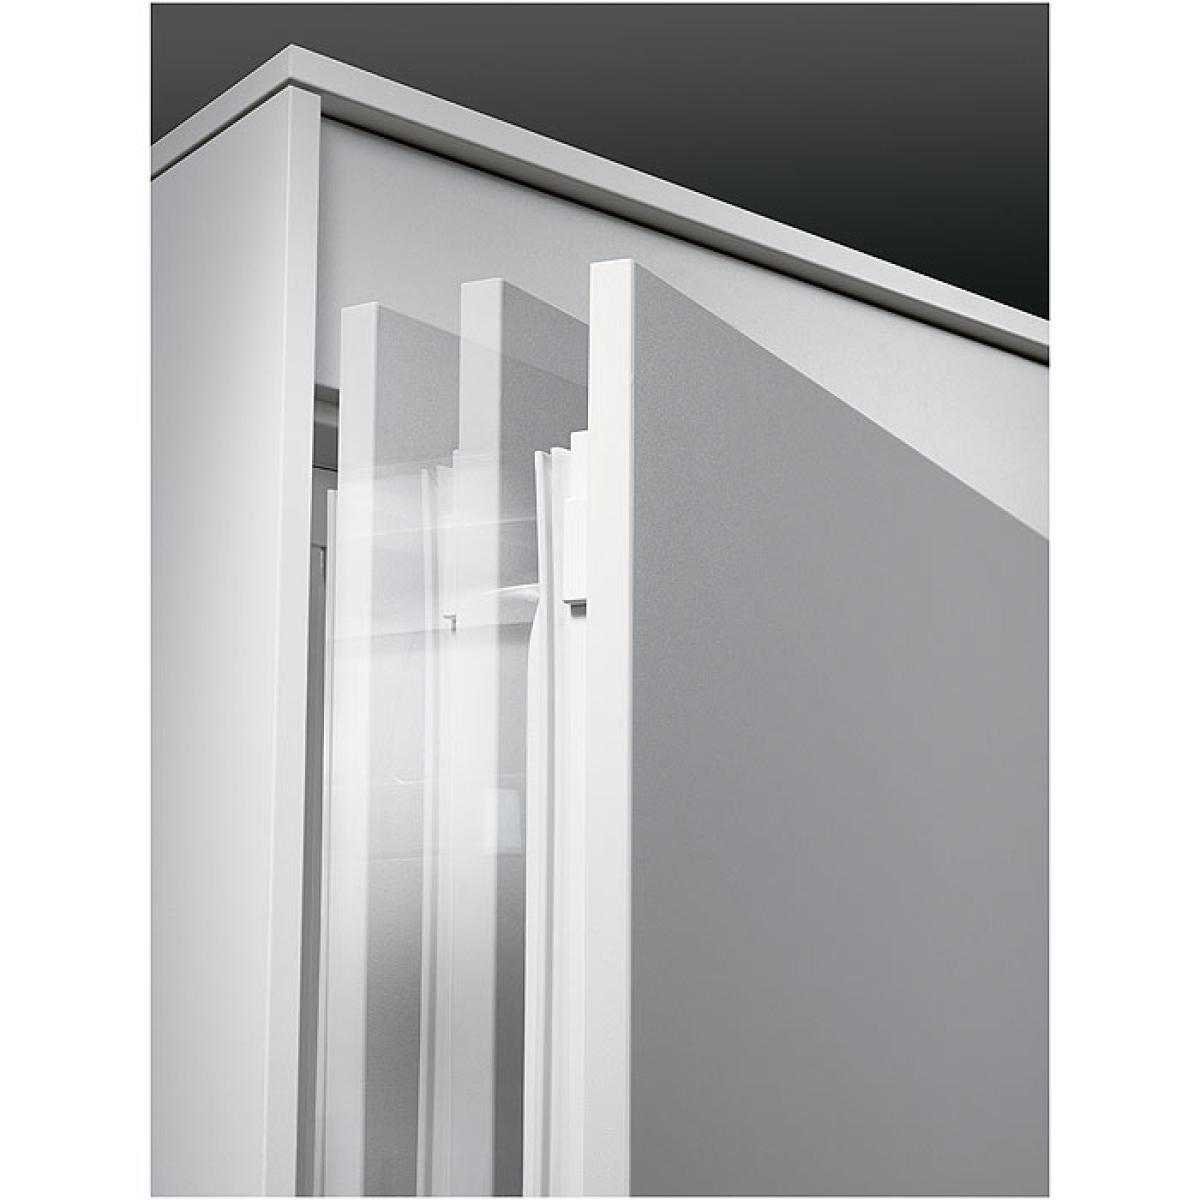 aeg ske88861ac einbauk hlschrank ohne gefrierfach 88cm nischenh he festt r technik. Black Bedroom Furniture Sets. Home Design Ideas